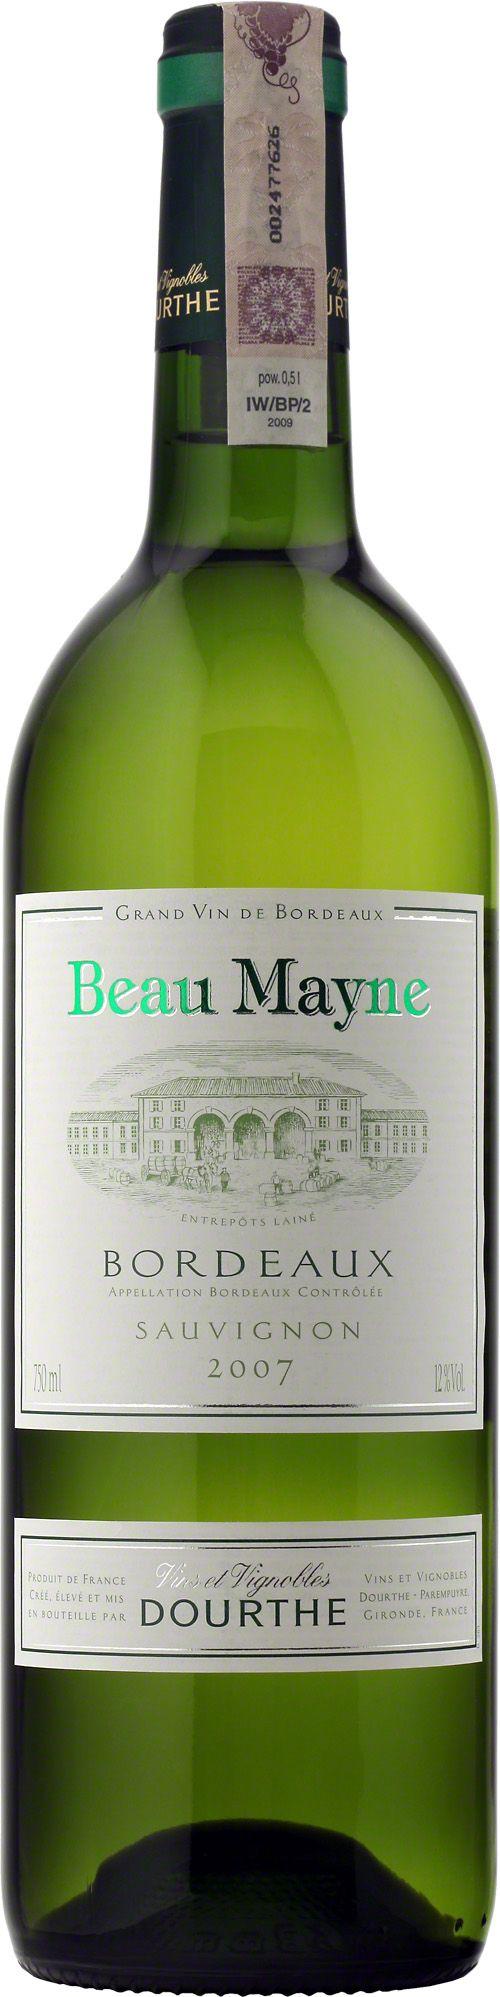 Dourthe Beau Mayne Bordeaux A.O.C. Blanc Beau Mayne zachwyca jasną, cytrynowo-zielonkawą barwą i delikatnym, owocowo-kwiatowym bukietem. Świeże i eleganckie, ma żywy, harmonijny finisz. #Bordeaux #Wino #Winezja #SauvignonBlanc